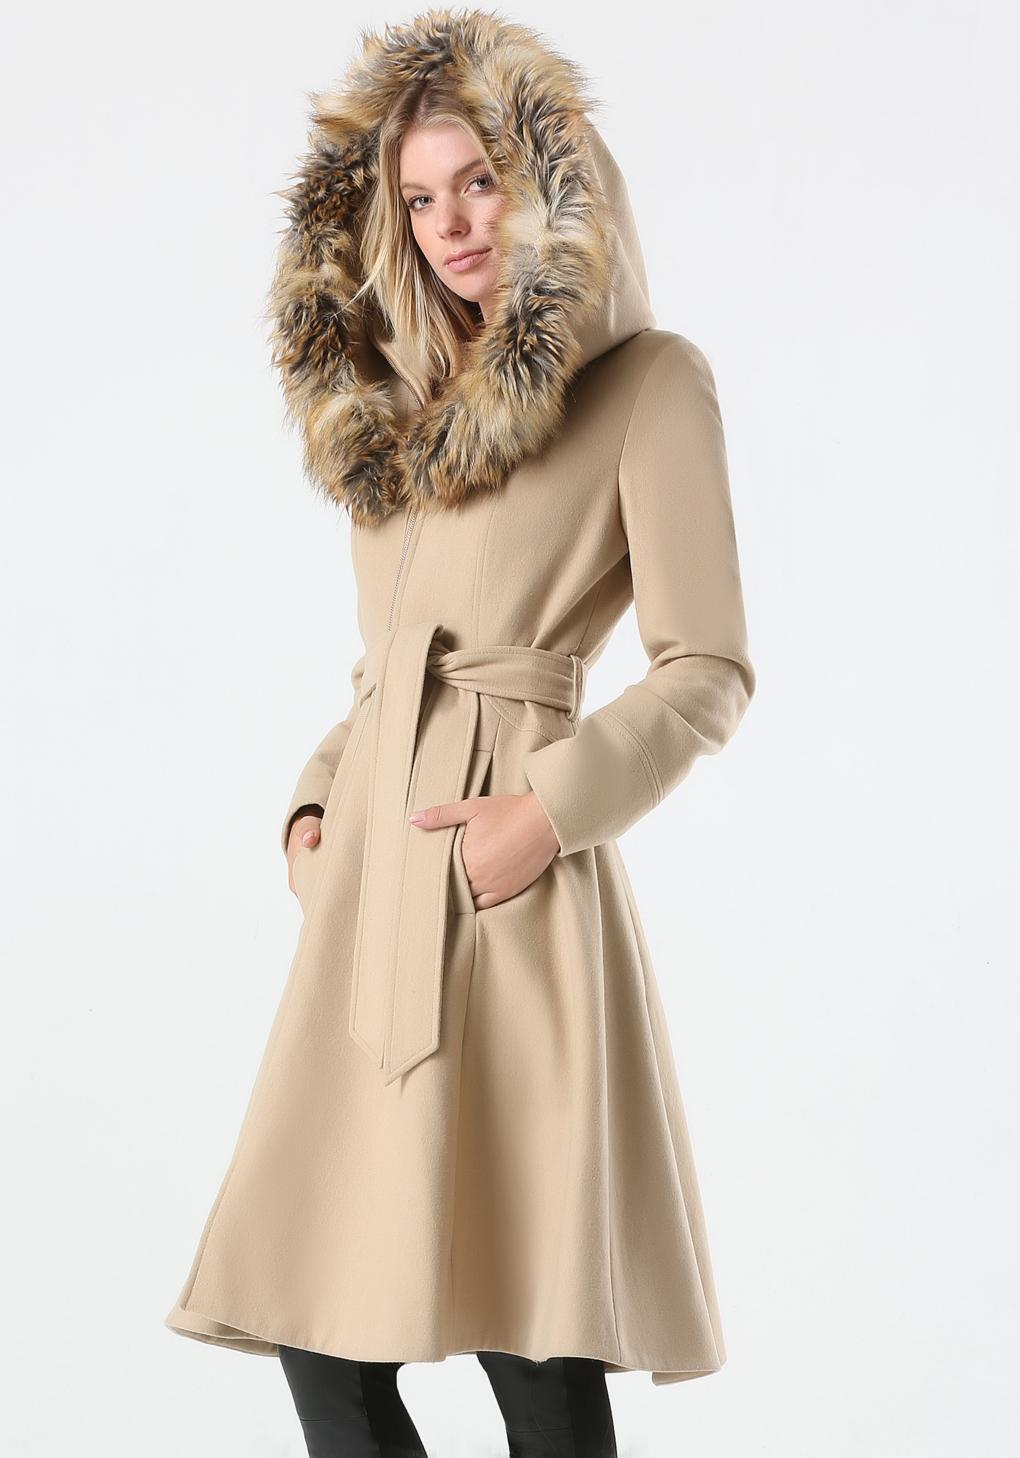 Bebe Tan Wool Hooded Coat in Brown | Lyst